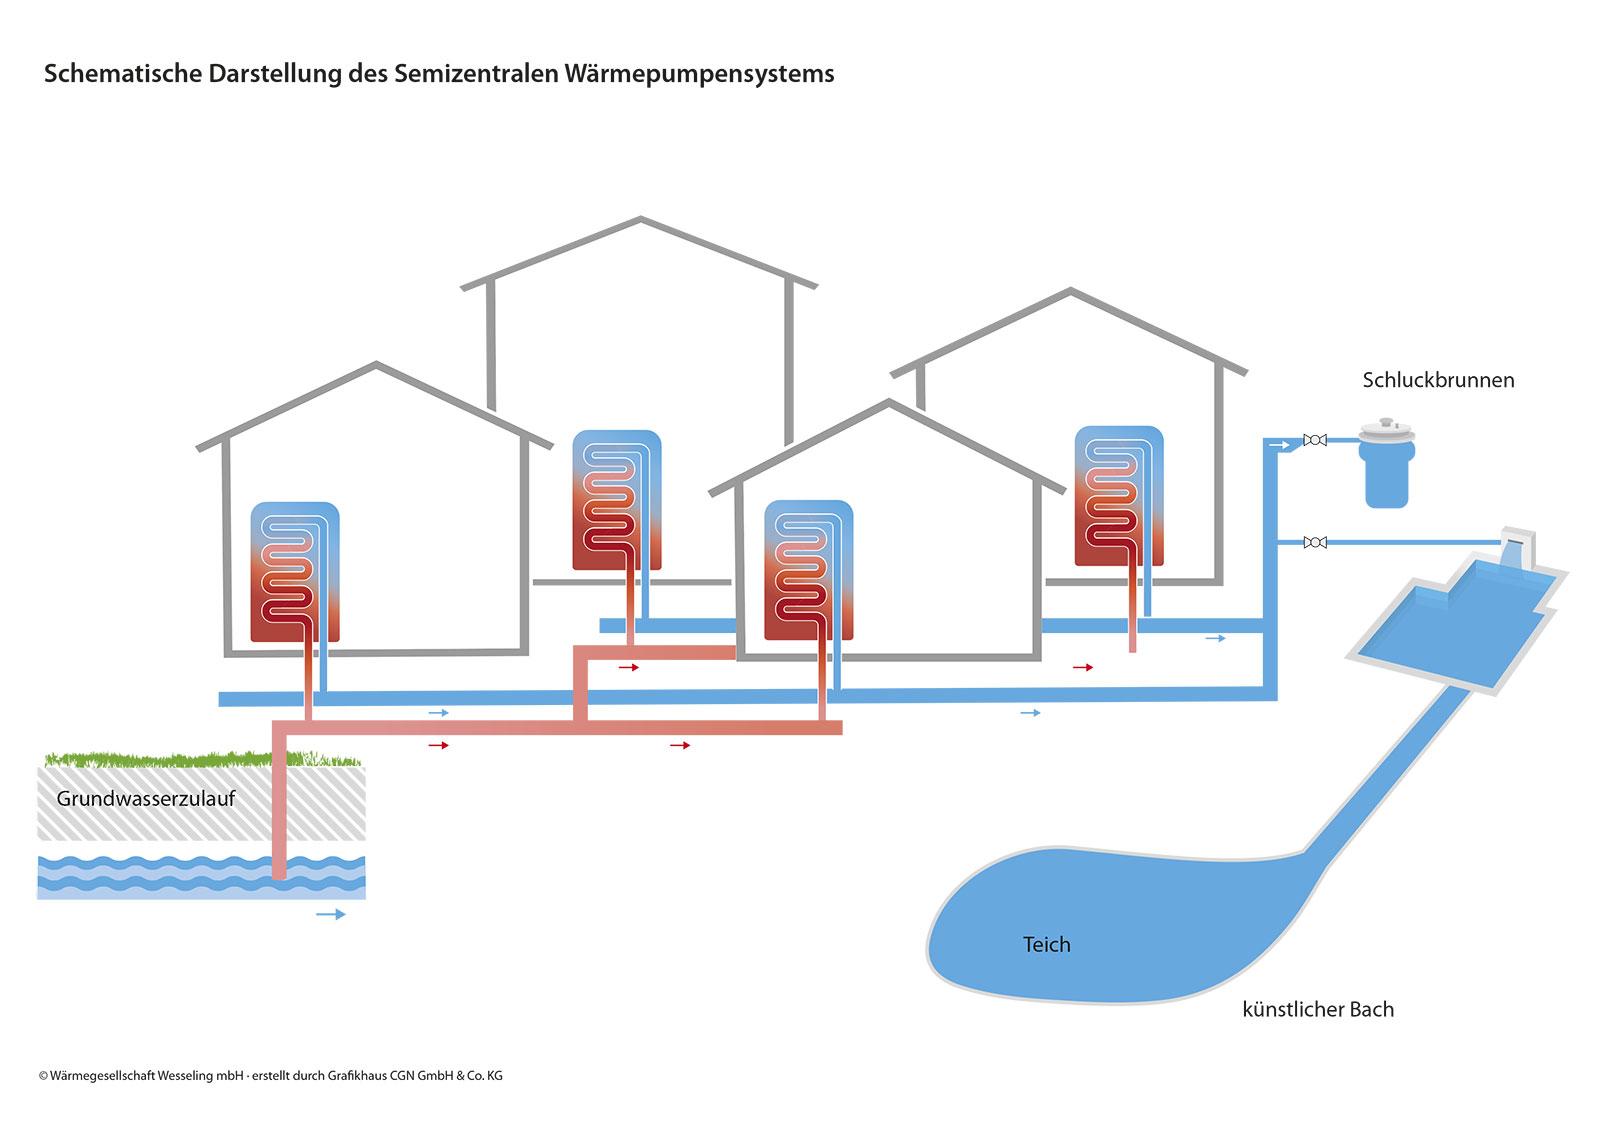 Schematische Darstellung des Systems